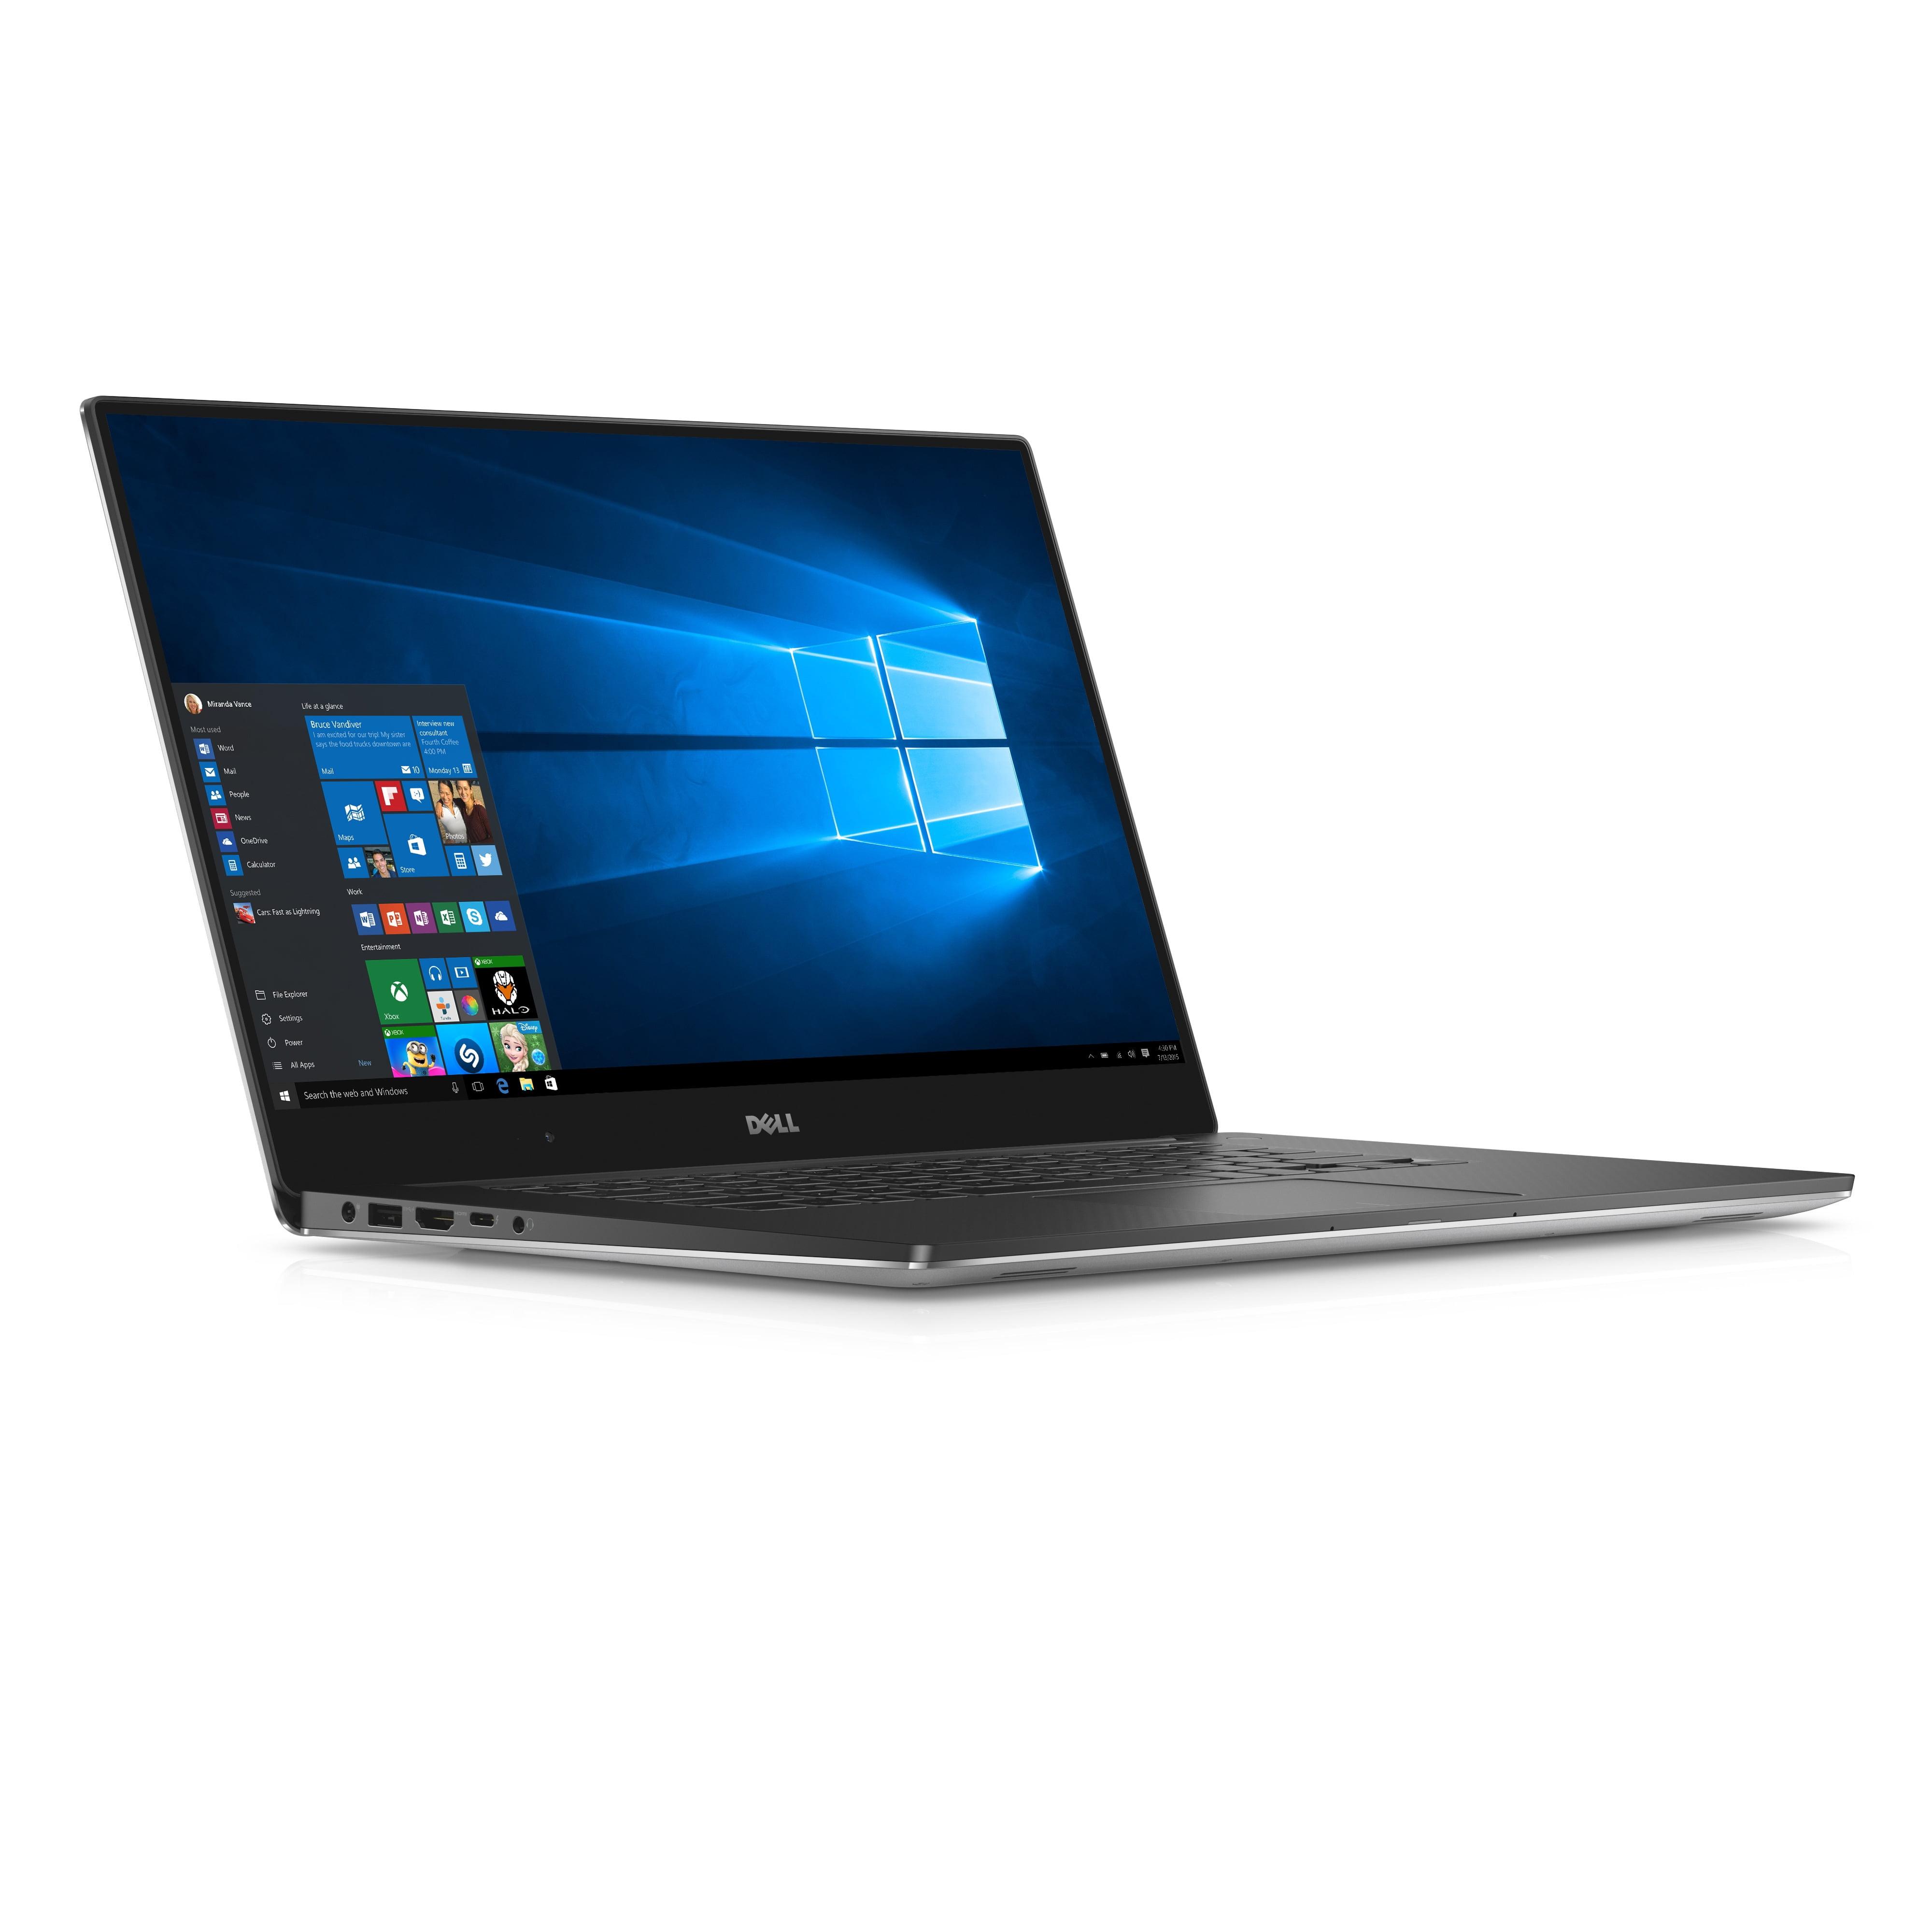 """Dell XPS 15-9550 intel Core i5-6300HQ X4 2.3GHz 8GB 1TB 15.6"""" Win10,Black (Certified Refurbished)"""